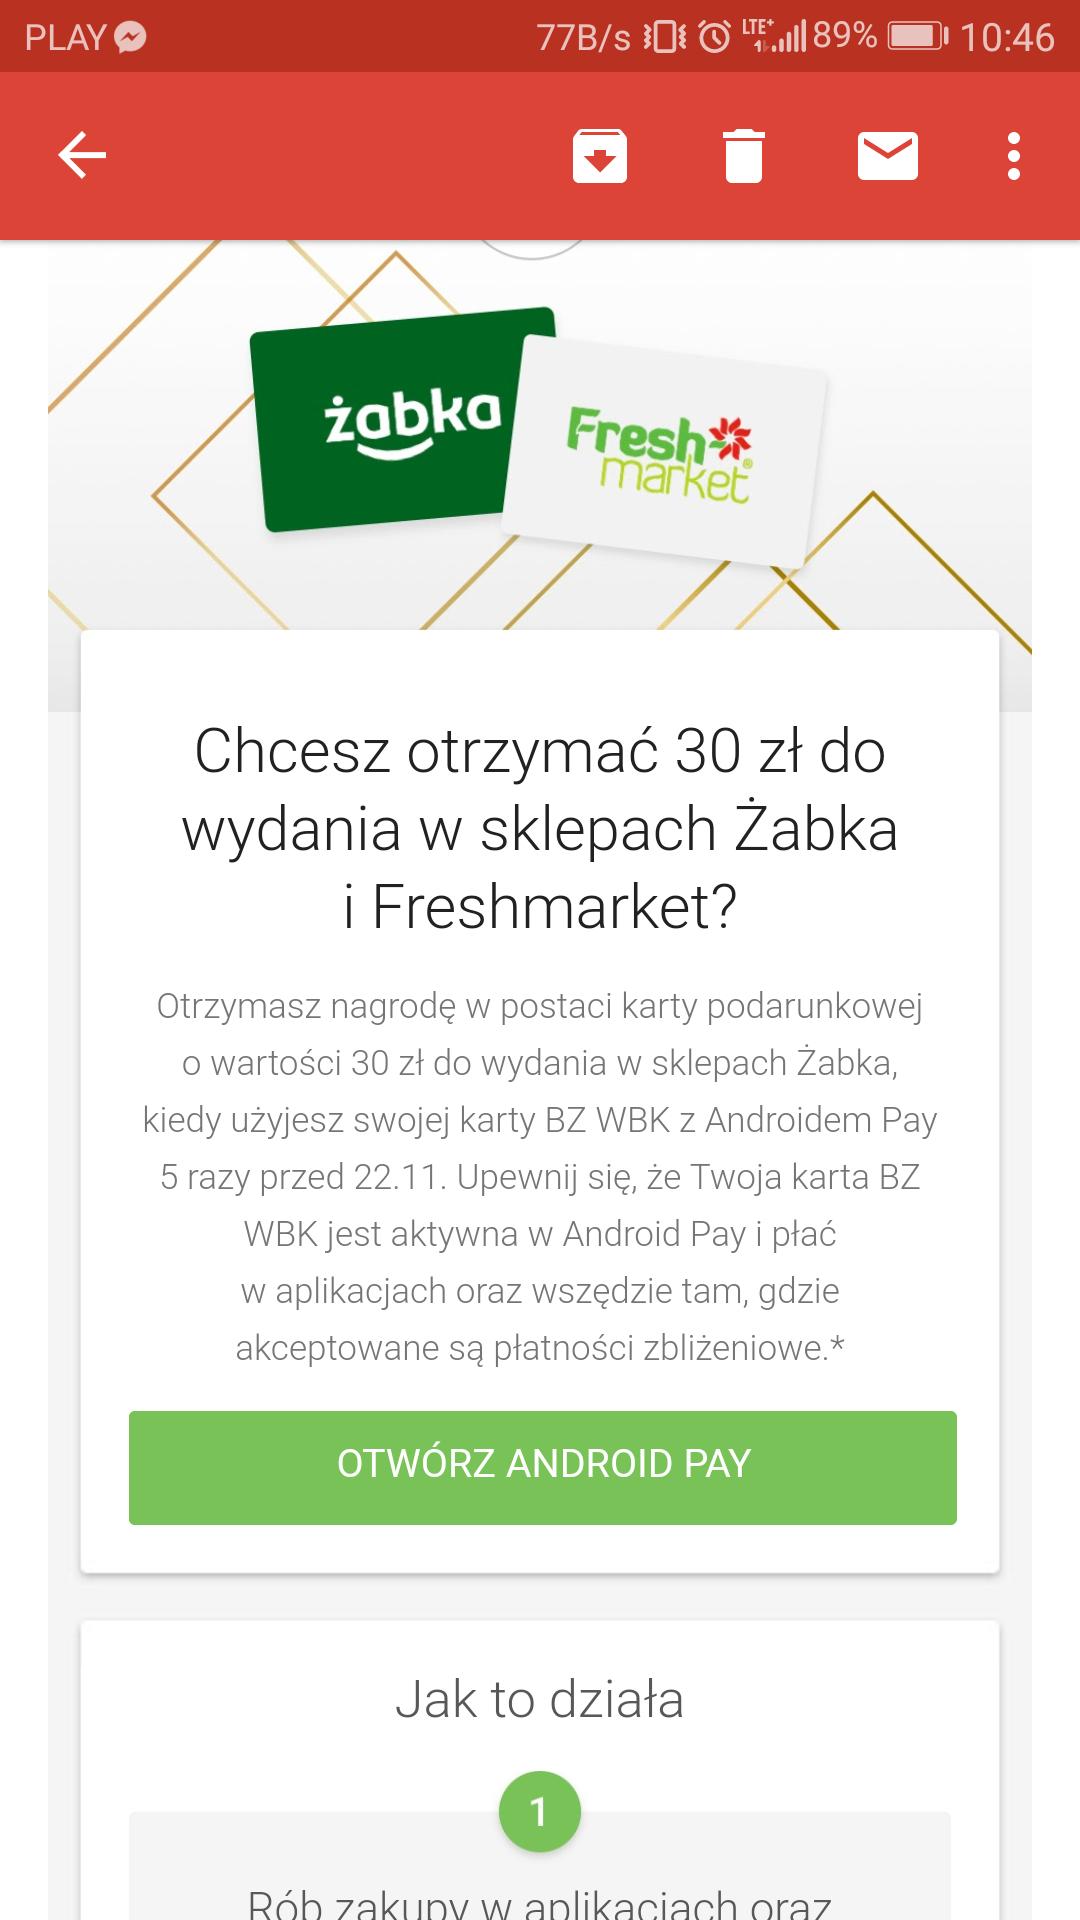 30 zł do żabki za 5 płatności kartą bzwbk w android pay